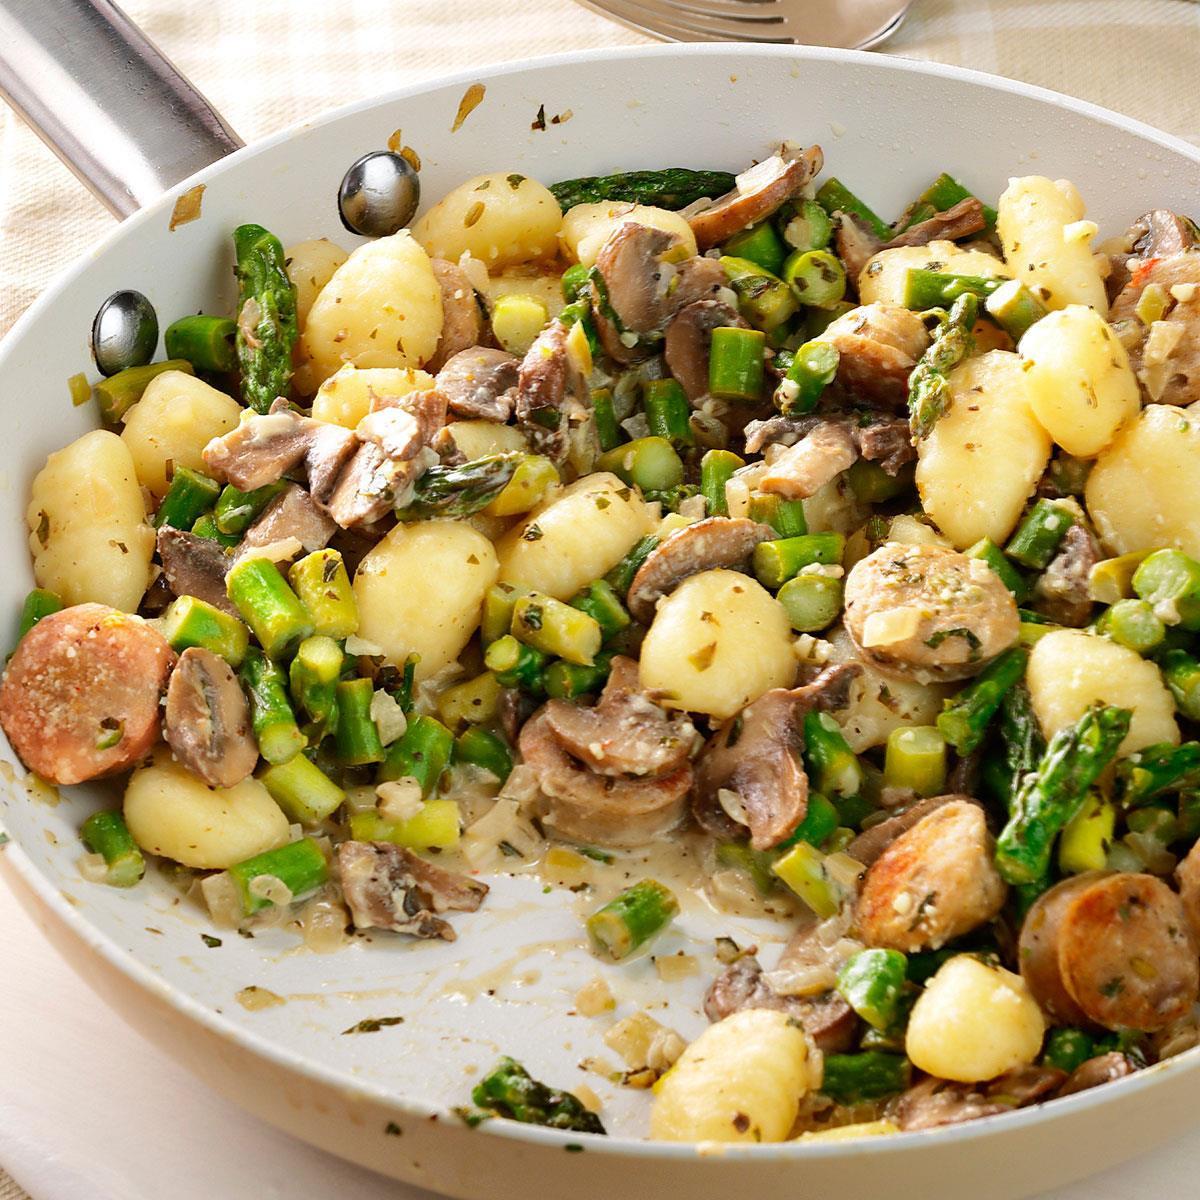 Chicken Sausage Recipes  Chicken Sausage & Gnocchi Skillet Recipe